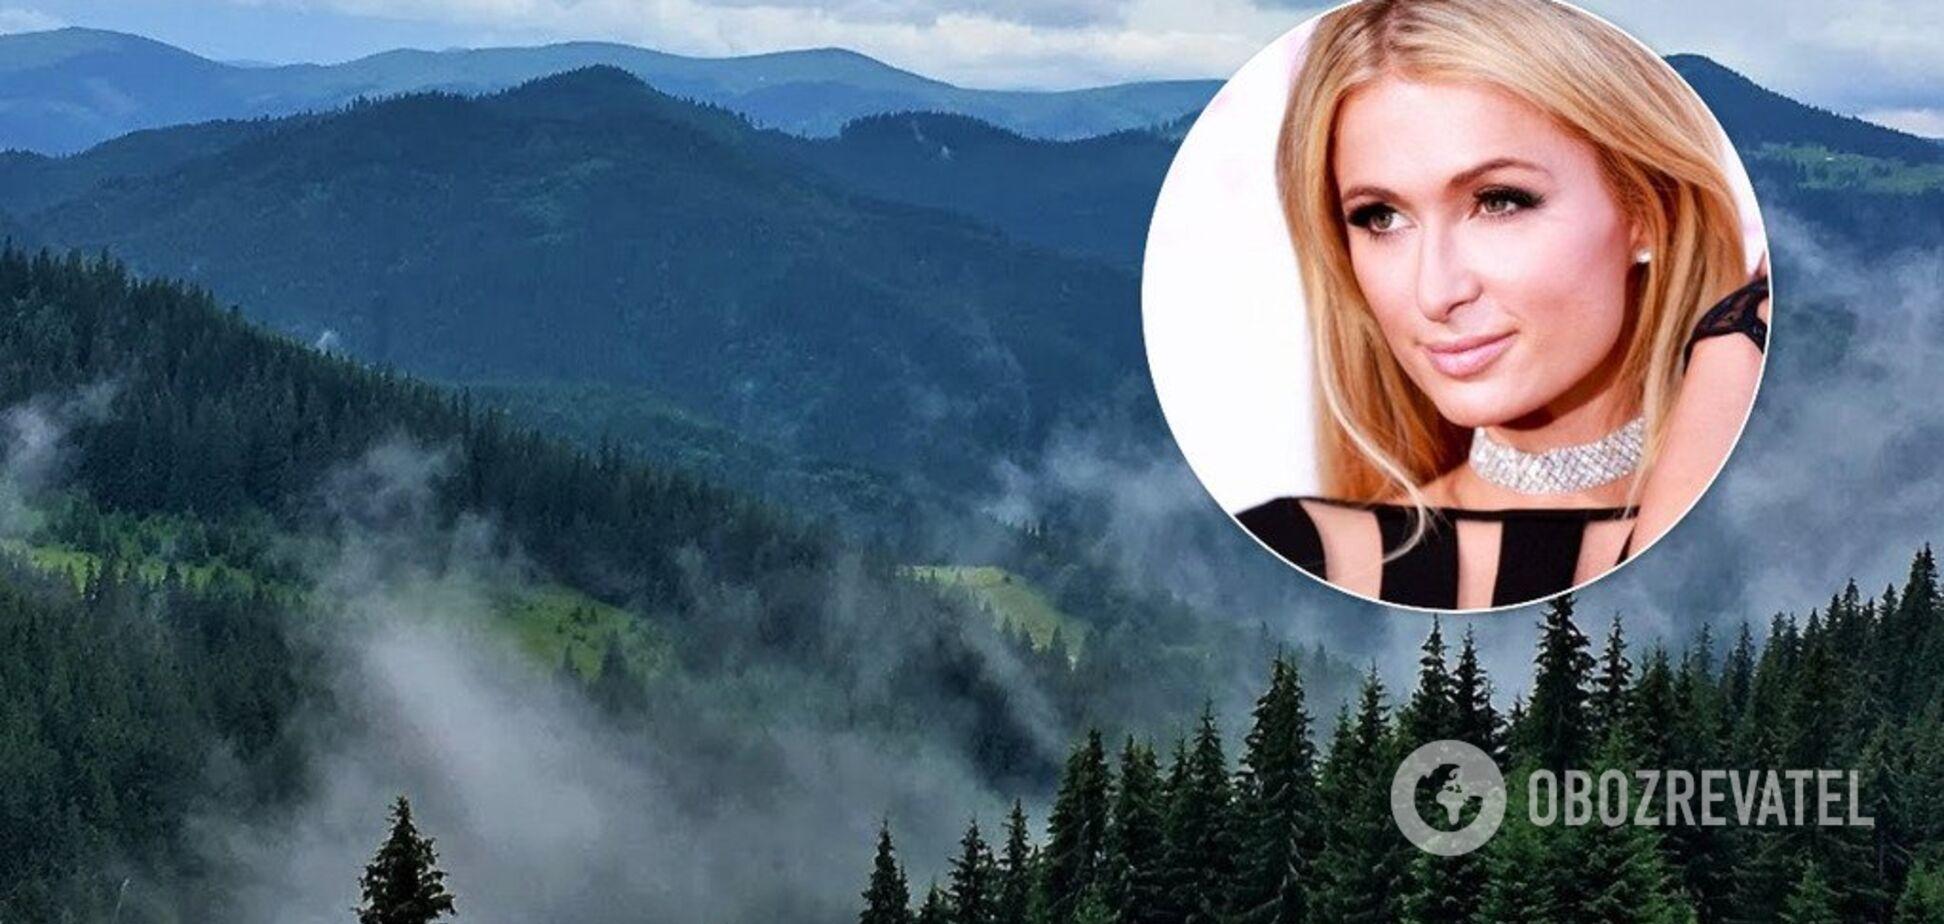 Періс Хілтон замахнулася на український курорт: що відомо